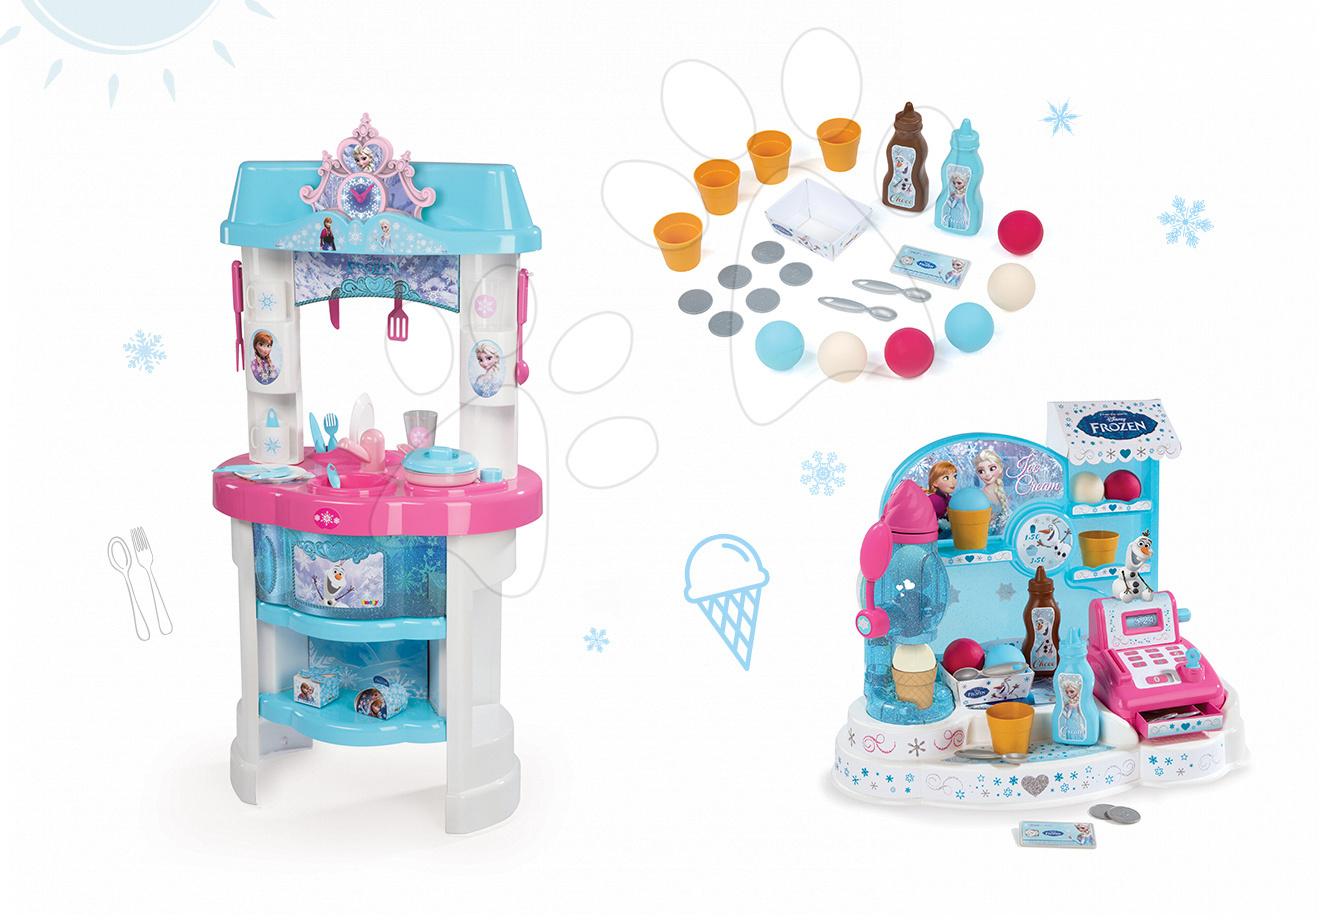 Kuchynky pre deti sety - Set kuchynka Frozen Smoby s trblietkami a zmrzlináreň Frozen s pokladňou